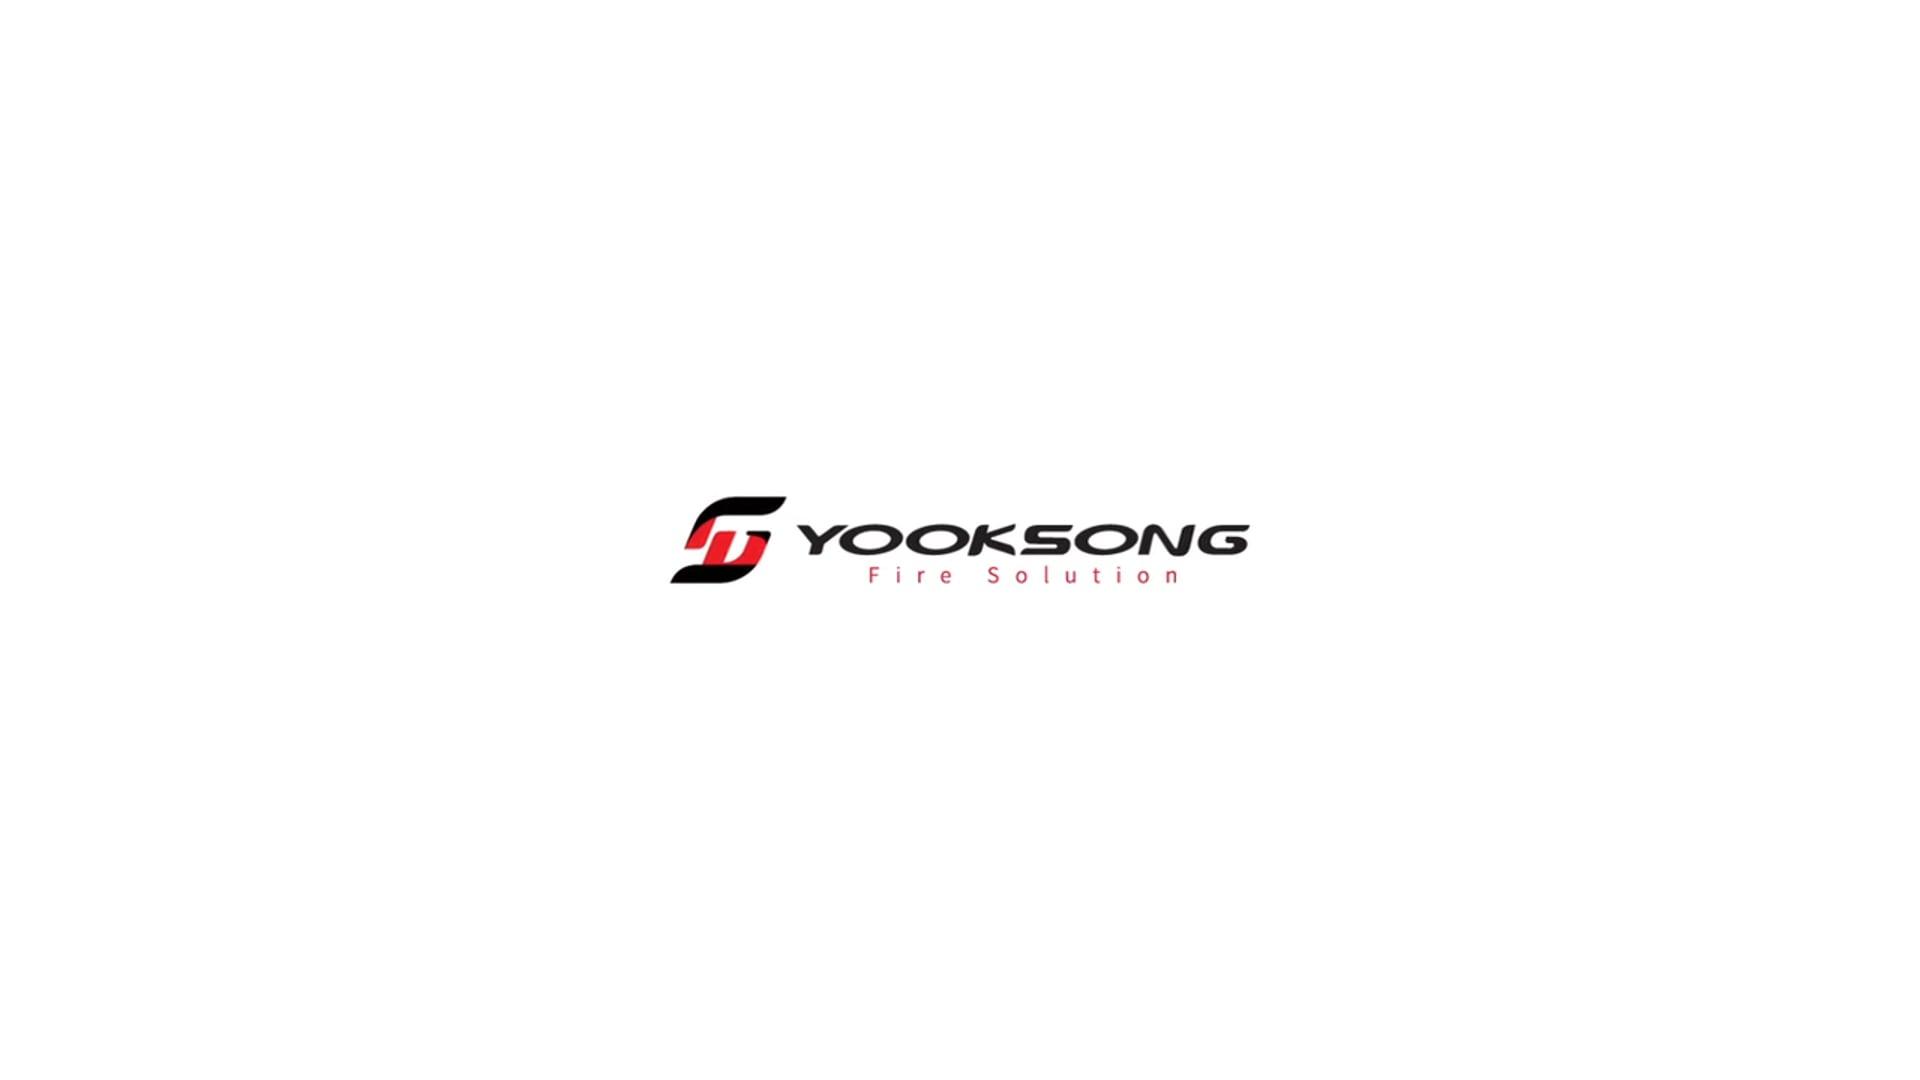 소방전문제조기업 '육송' 기업홍보영상